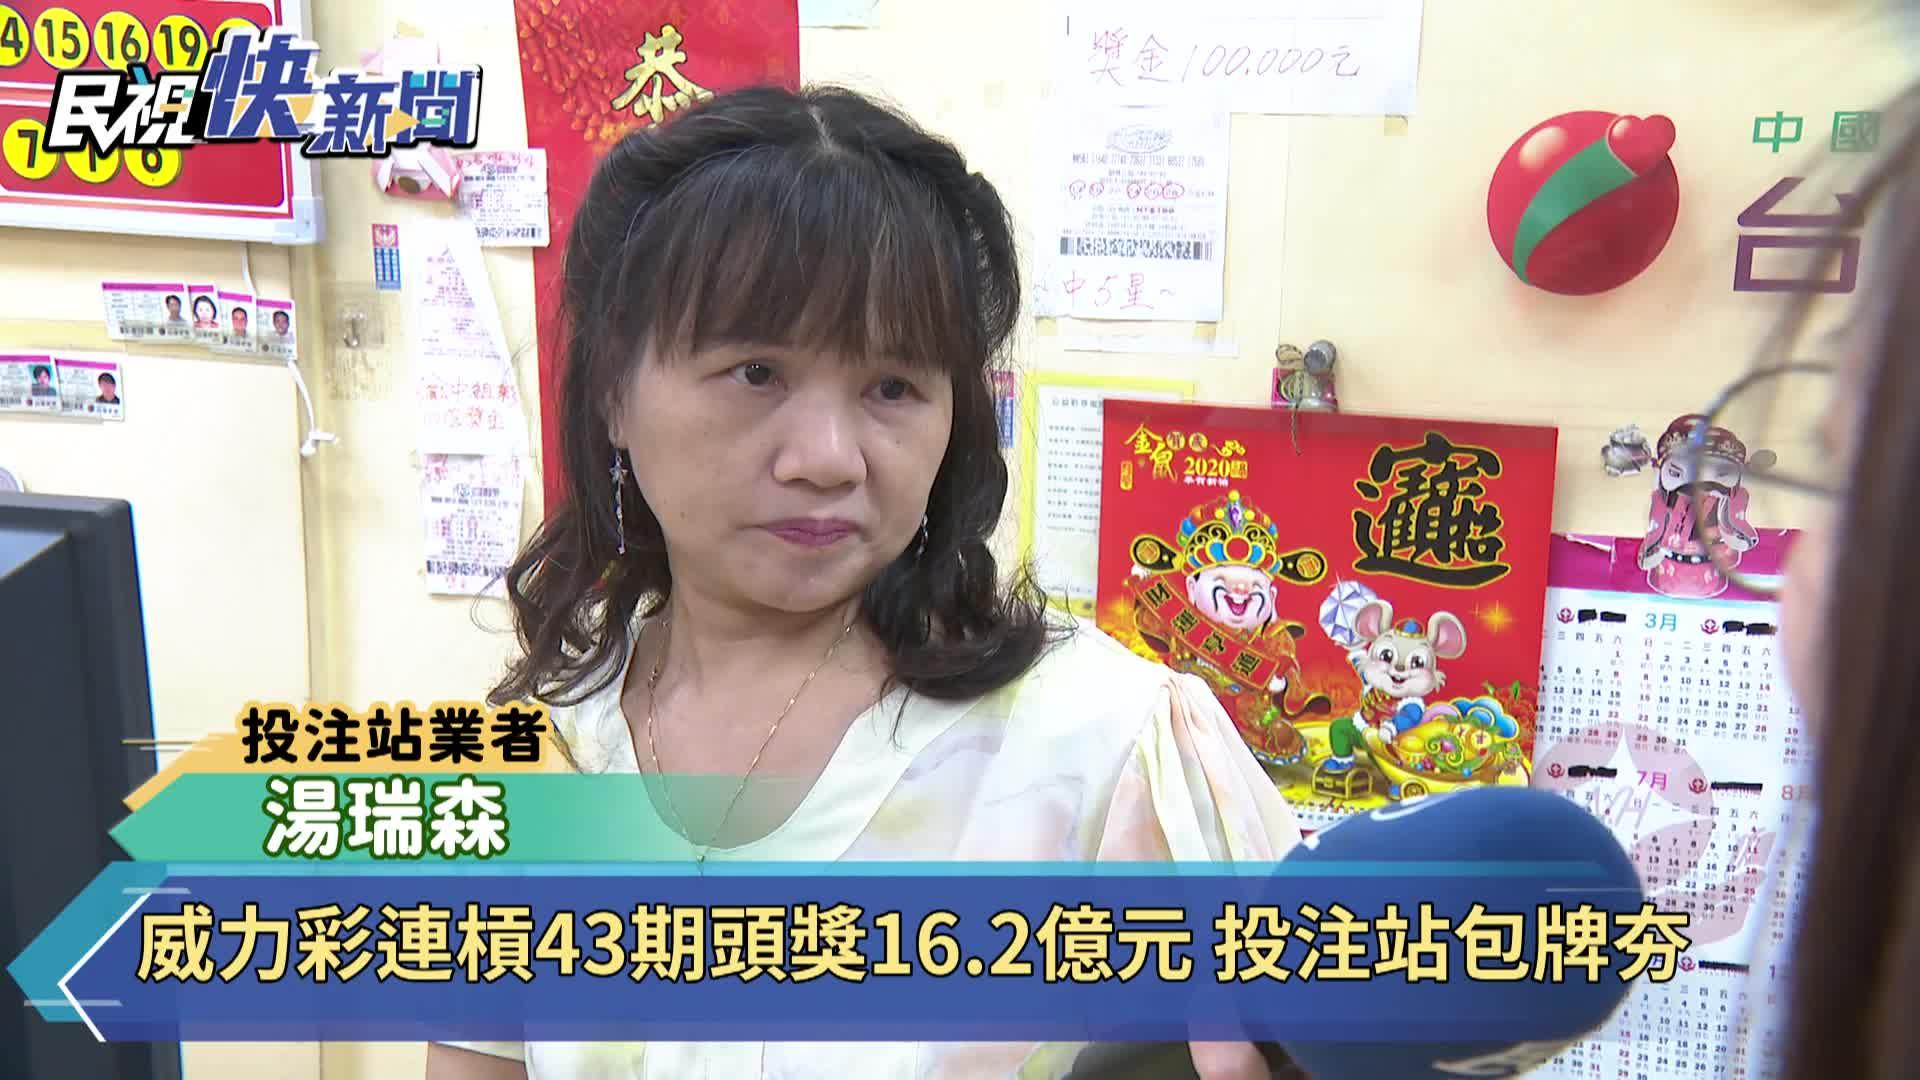 威力彩連槓43期頭獎16.2億元 投注站包牌夯